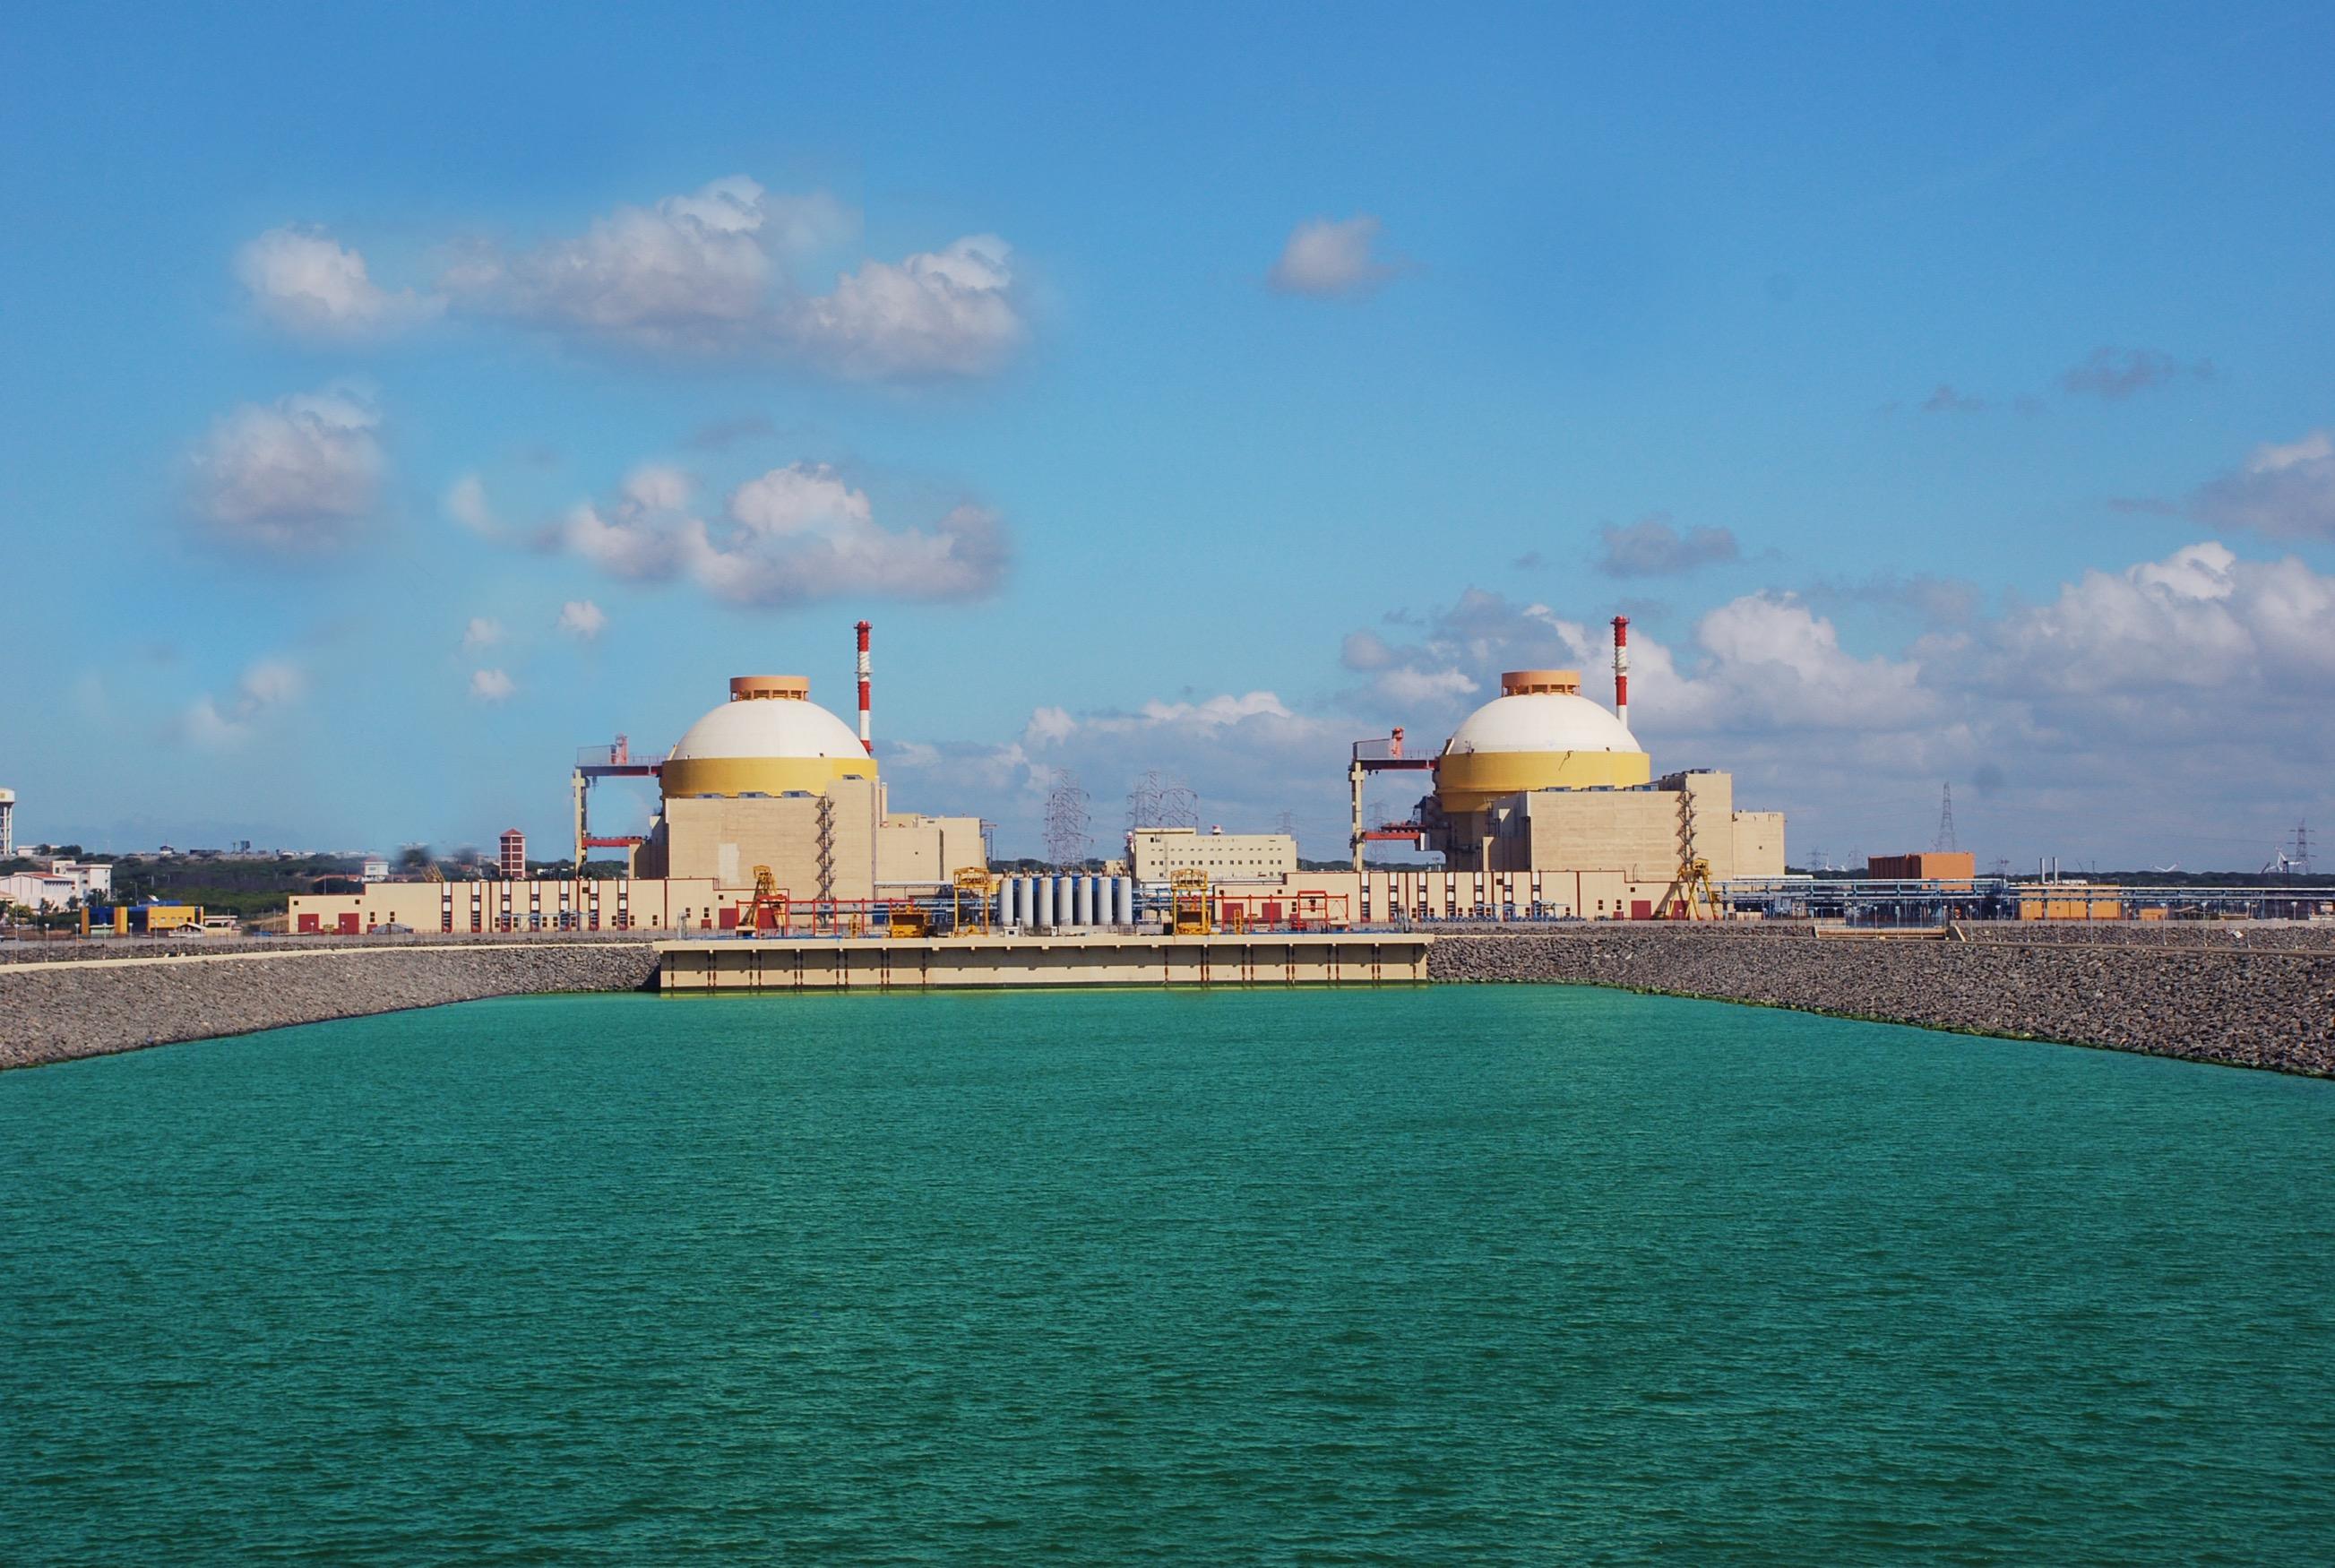 АО «ТВЭЛ» внедрит на индийской АЭС «Куданкулам» новое ядерное топливо и удлиненный топливный цикл